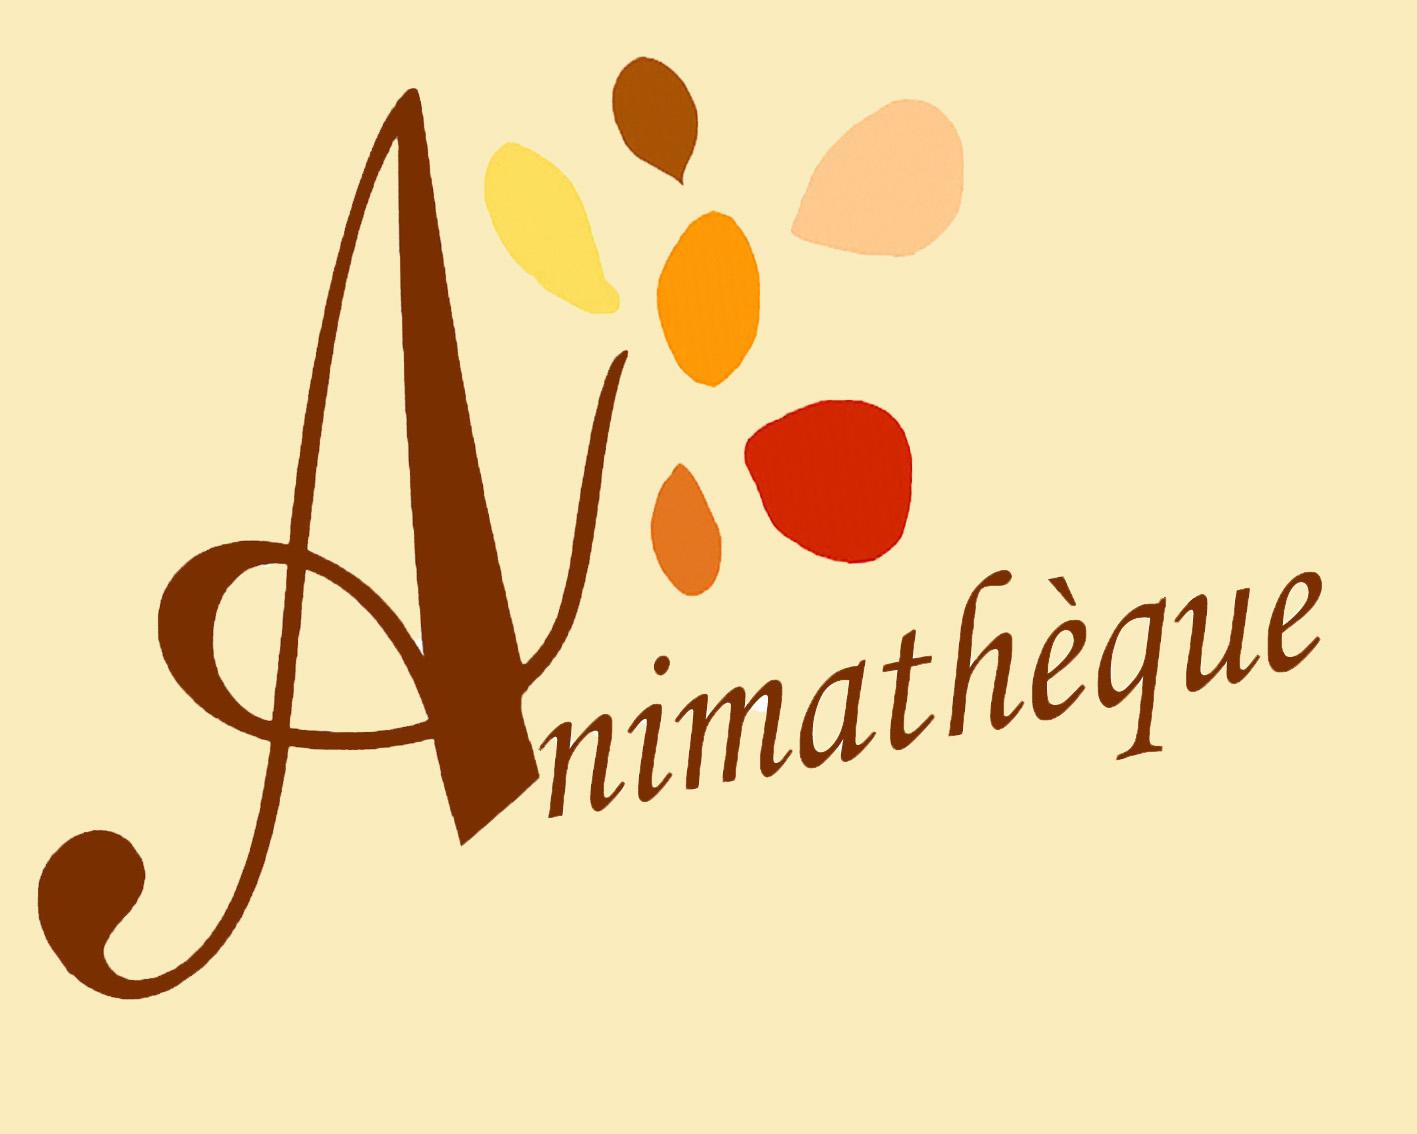 Logo animatheque 1